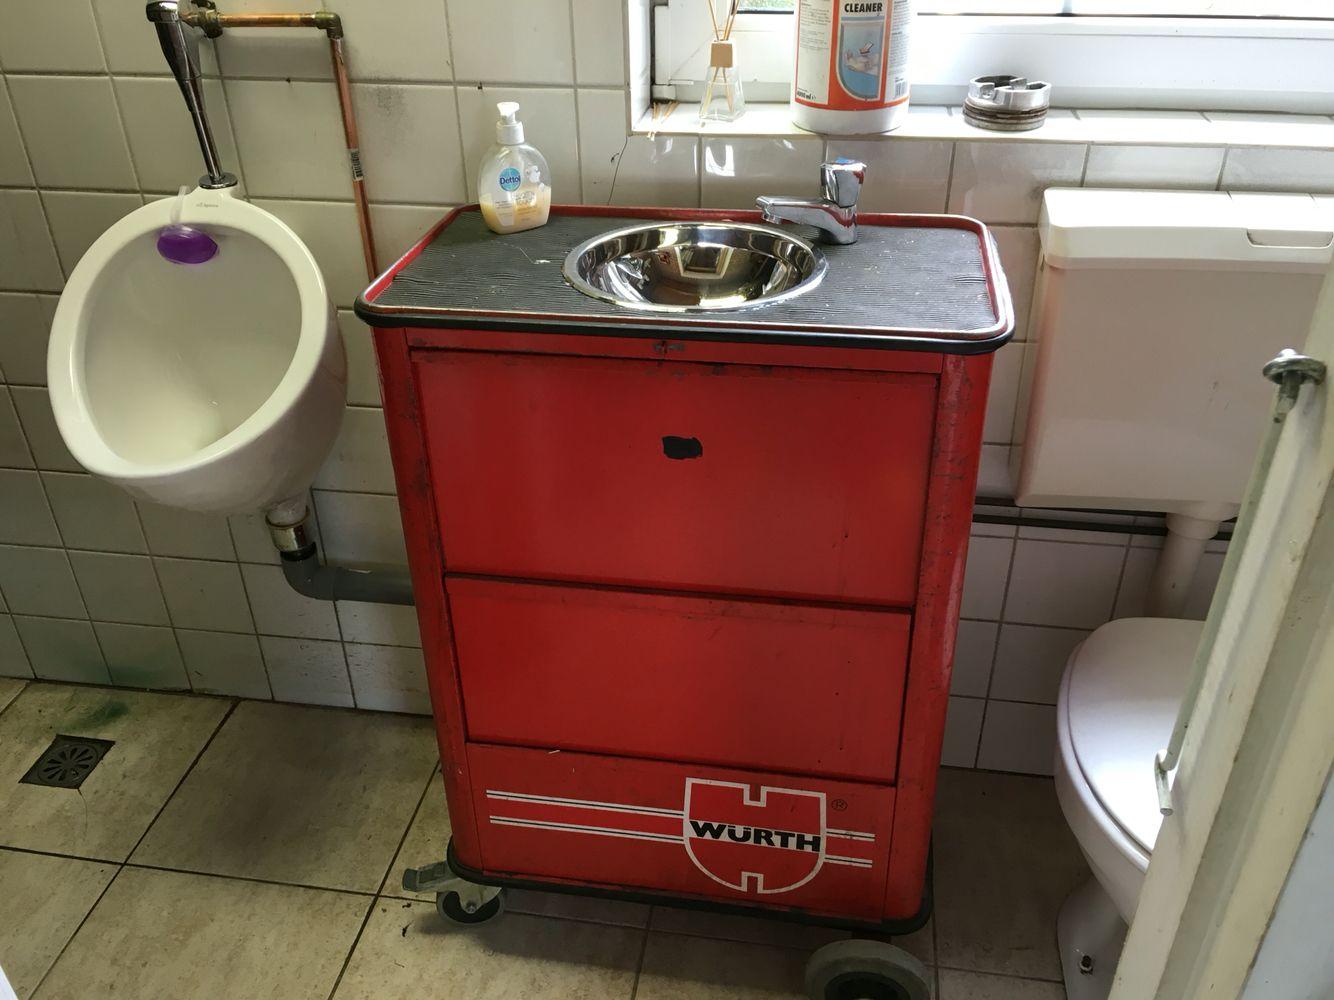 W Rth Toolbox Sink For My Mancave Diy Pinterest Master Bath Bath En Diy